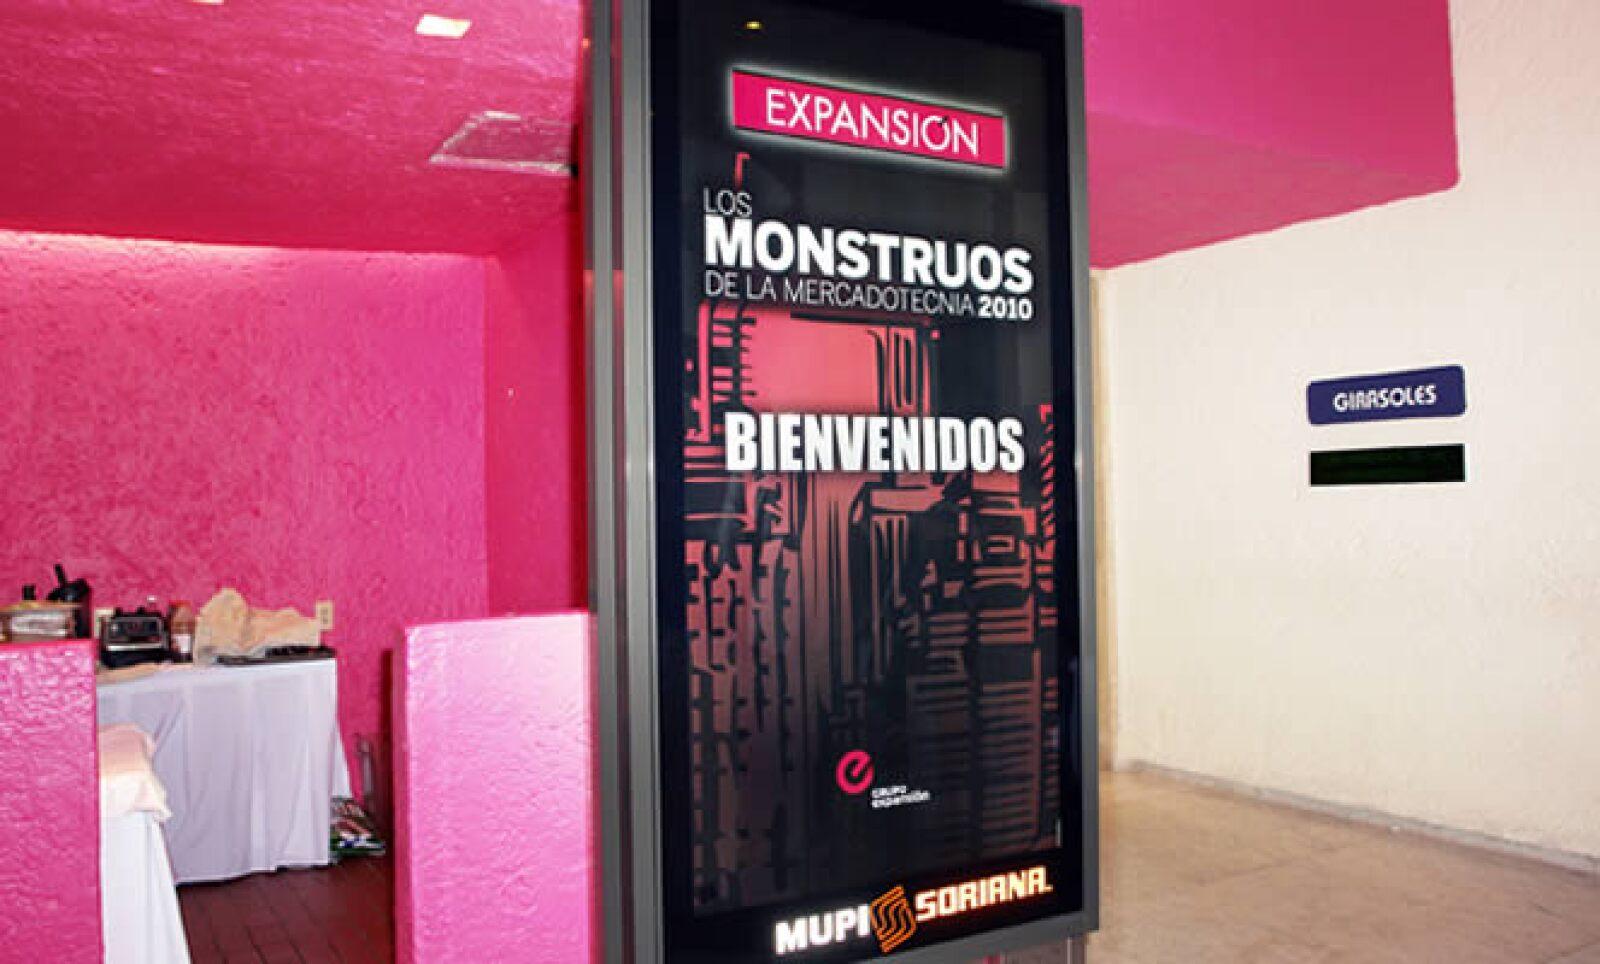 El evento de Monstruos de la Mercadotecnia se realizó el 27 de octubre en el hotel Camino Real.